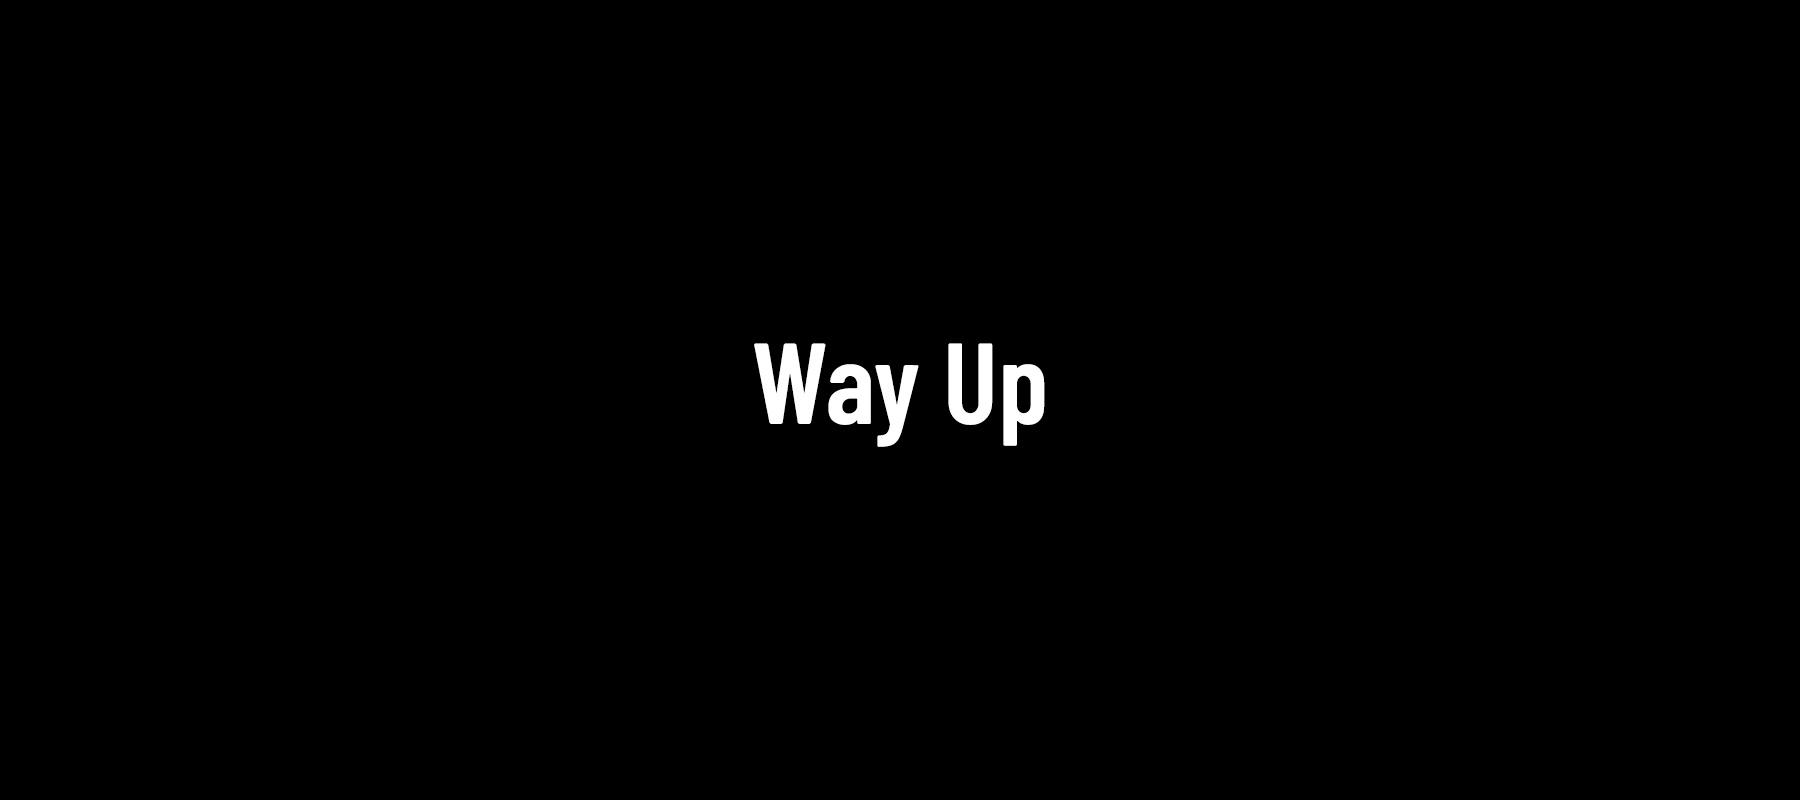 way-up